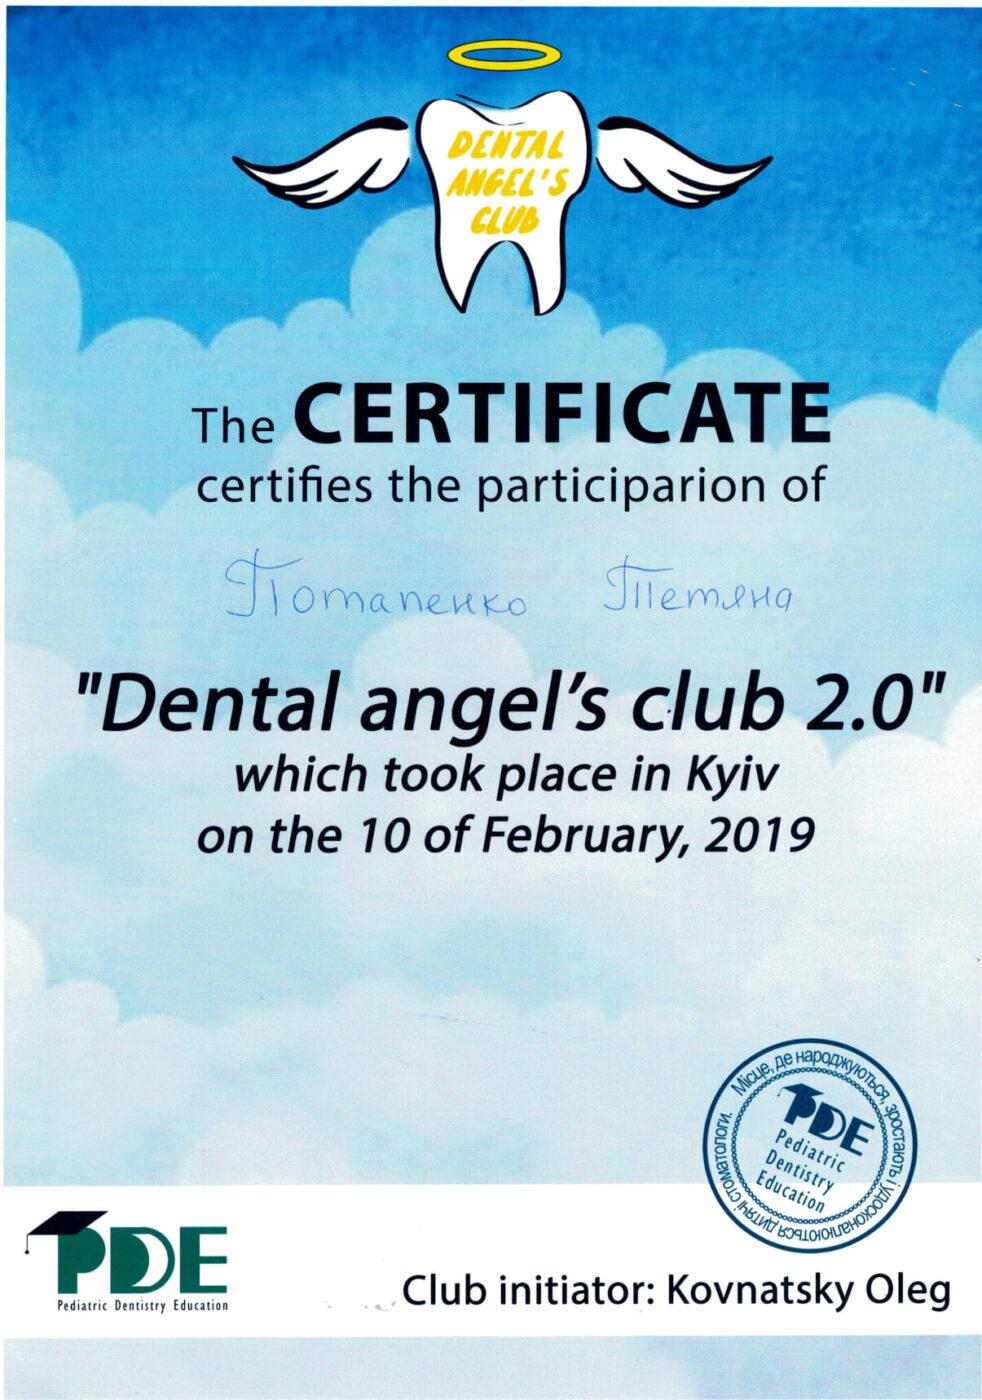 Сертификат подтверждающий участие Татьяны Потапенко в курсе - Dental angel's club 2.0